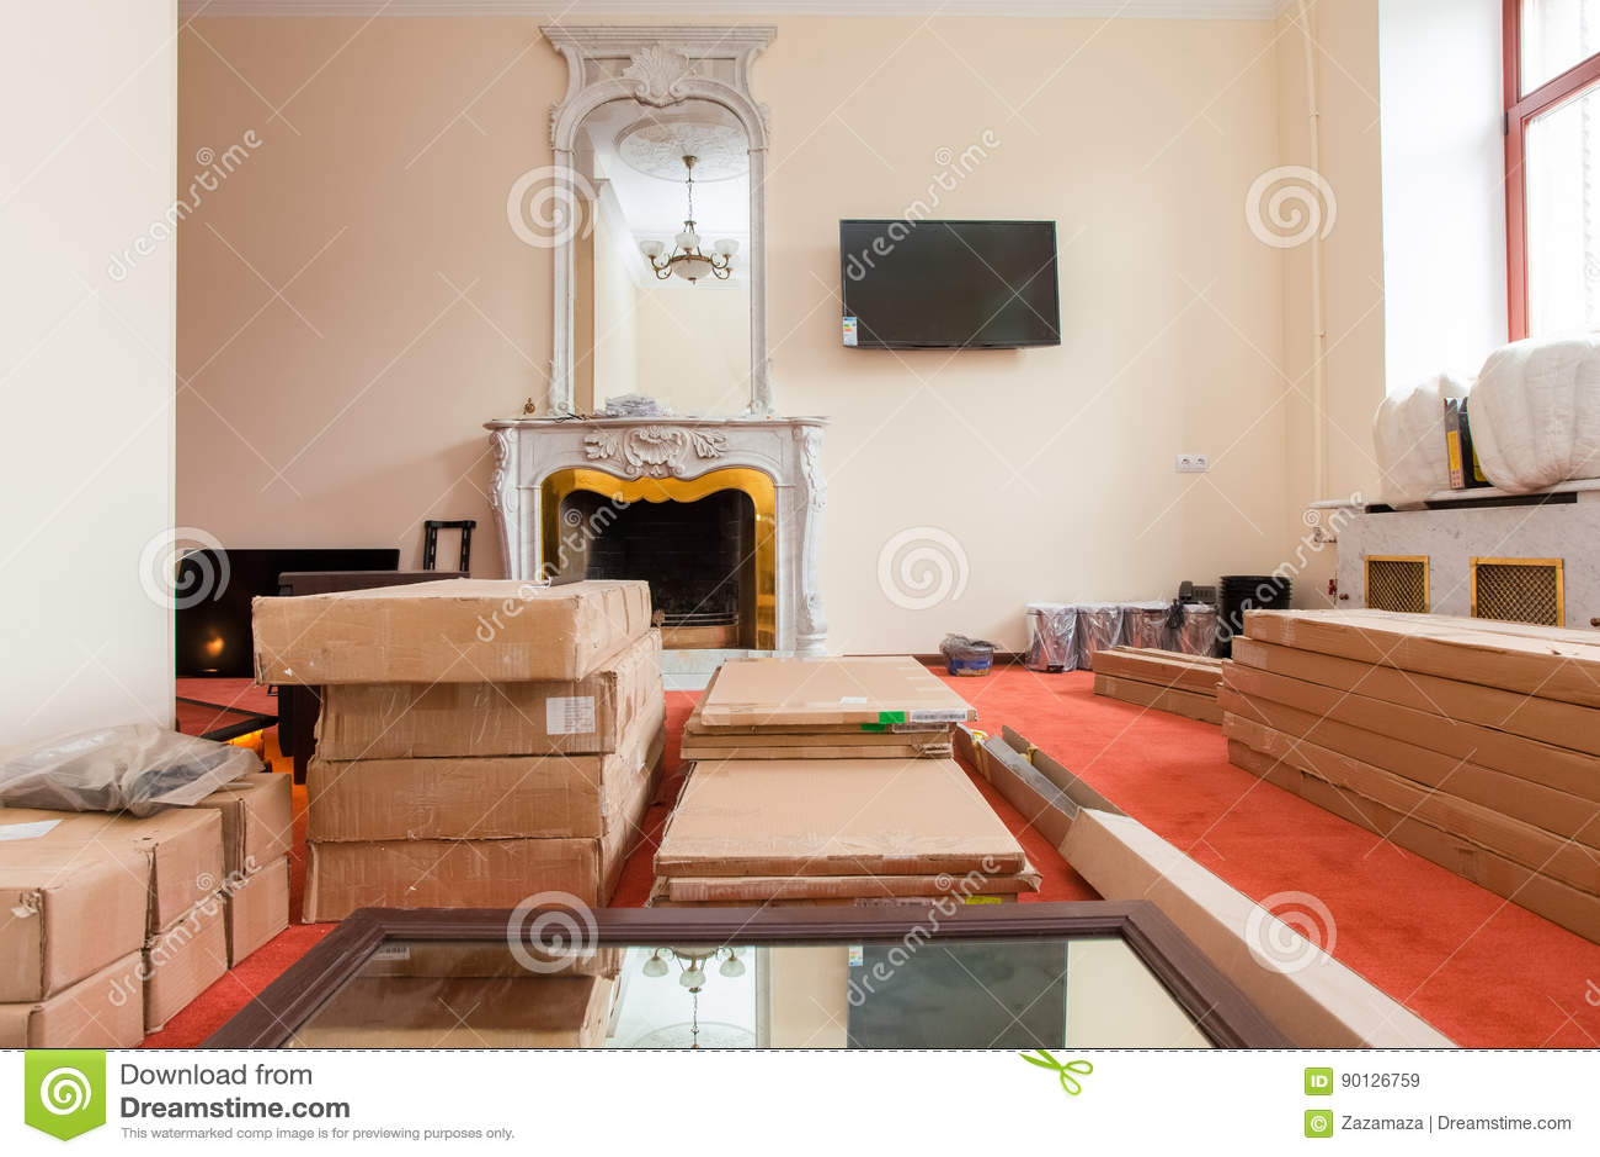 Tv In Vloer : De bouwmaterialen het meubilair tv en de telefoon zijn op de vloer